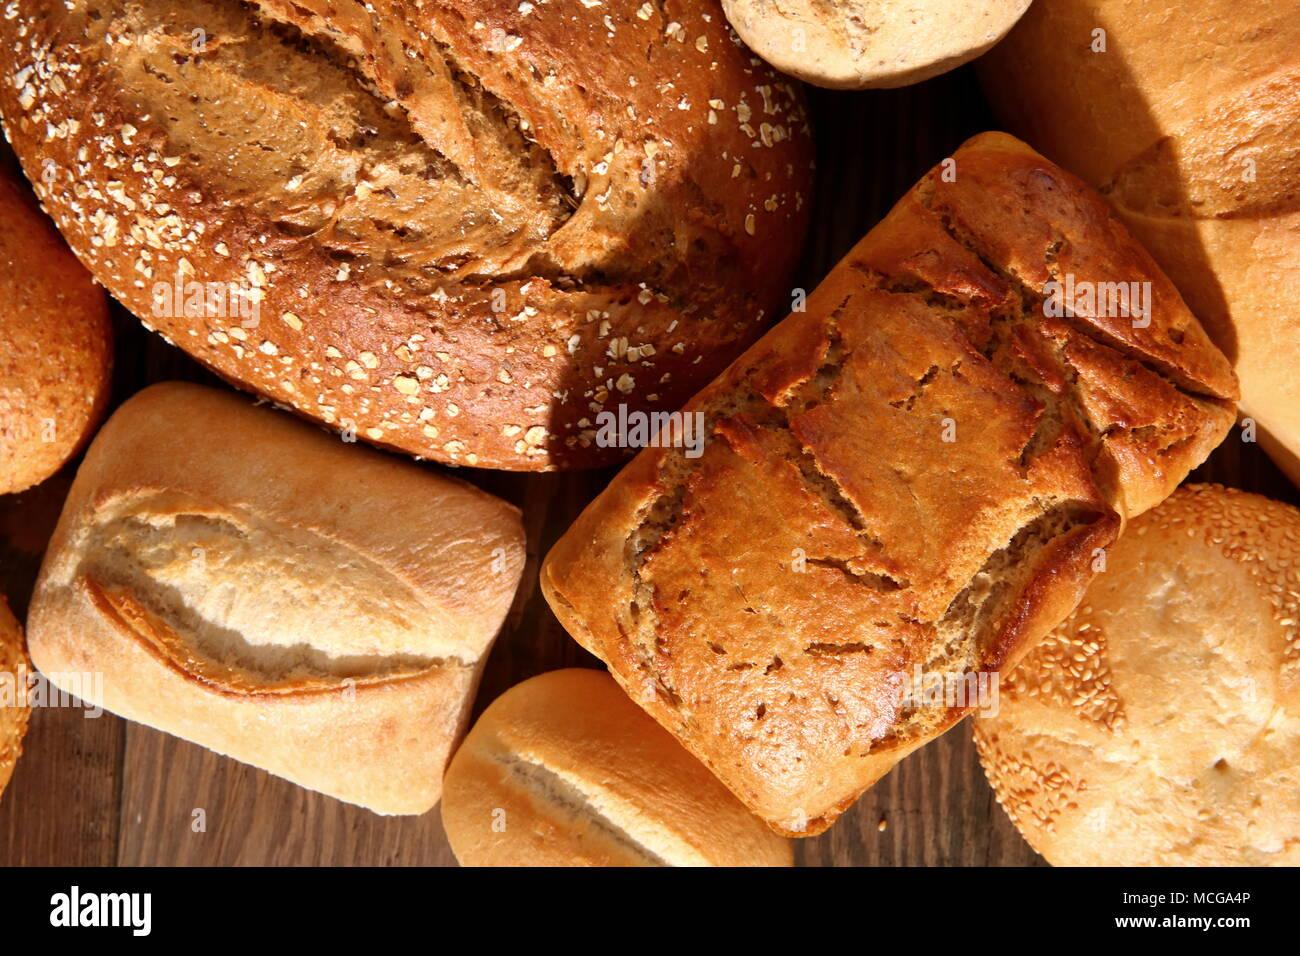 Panes y bollos en la actualidad ocurren en muchos tipos y formas, no sólo en Polonia, sino en todo el mundo. Imagen De Stock